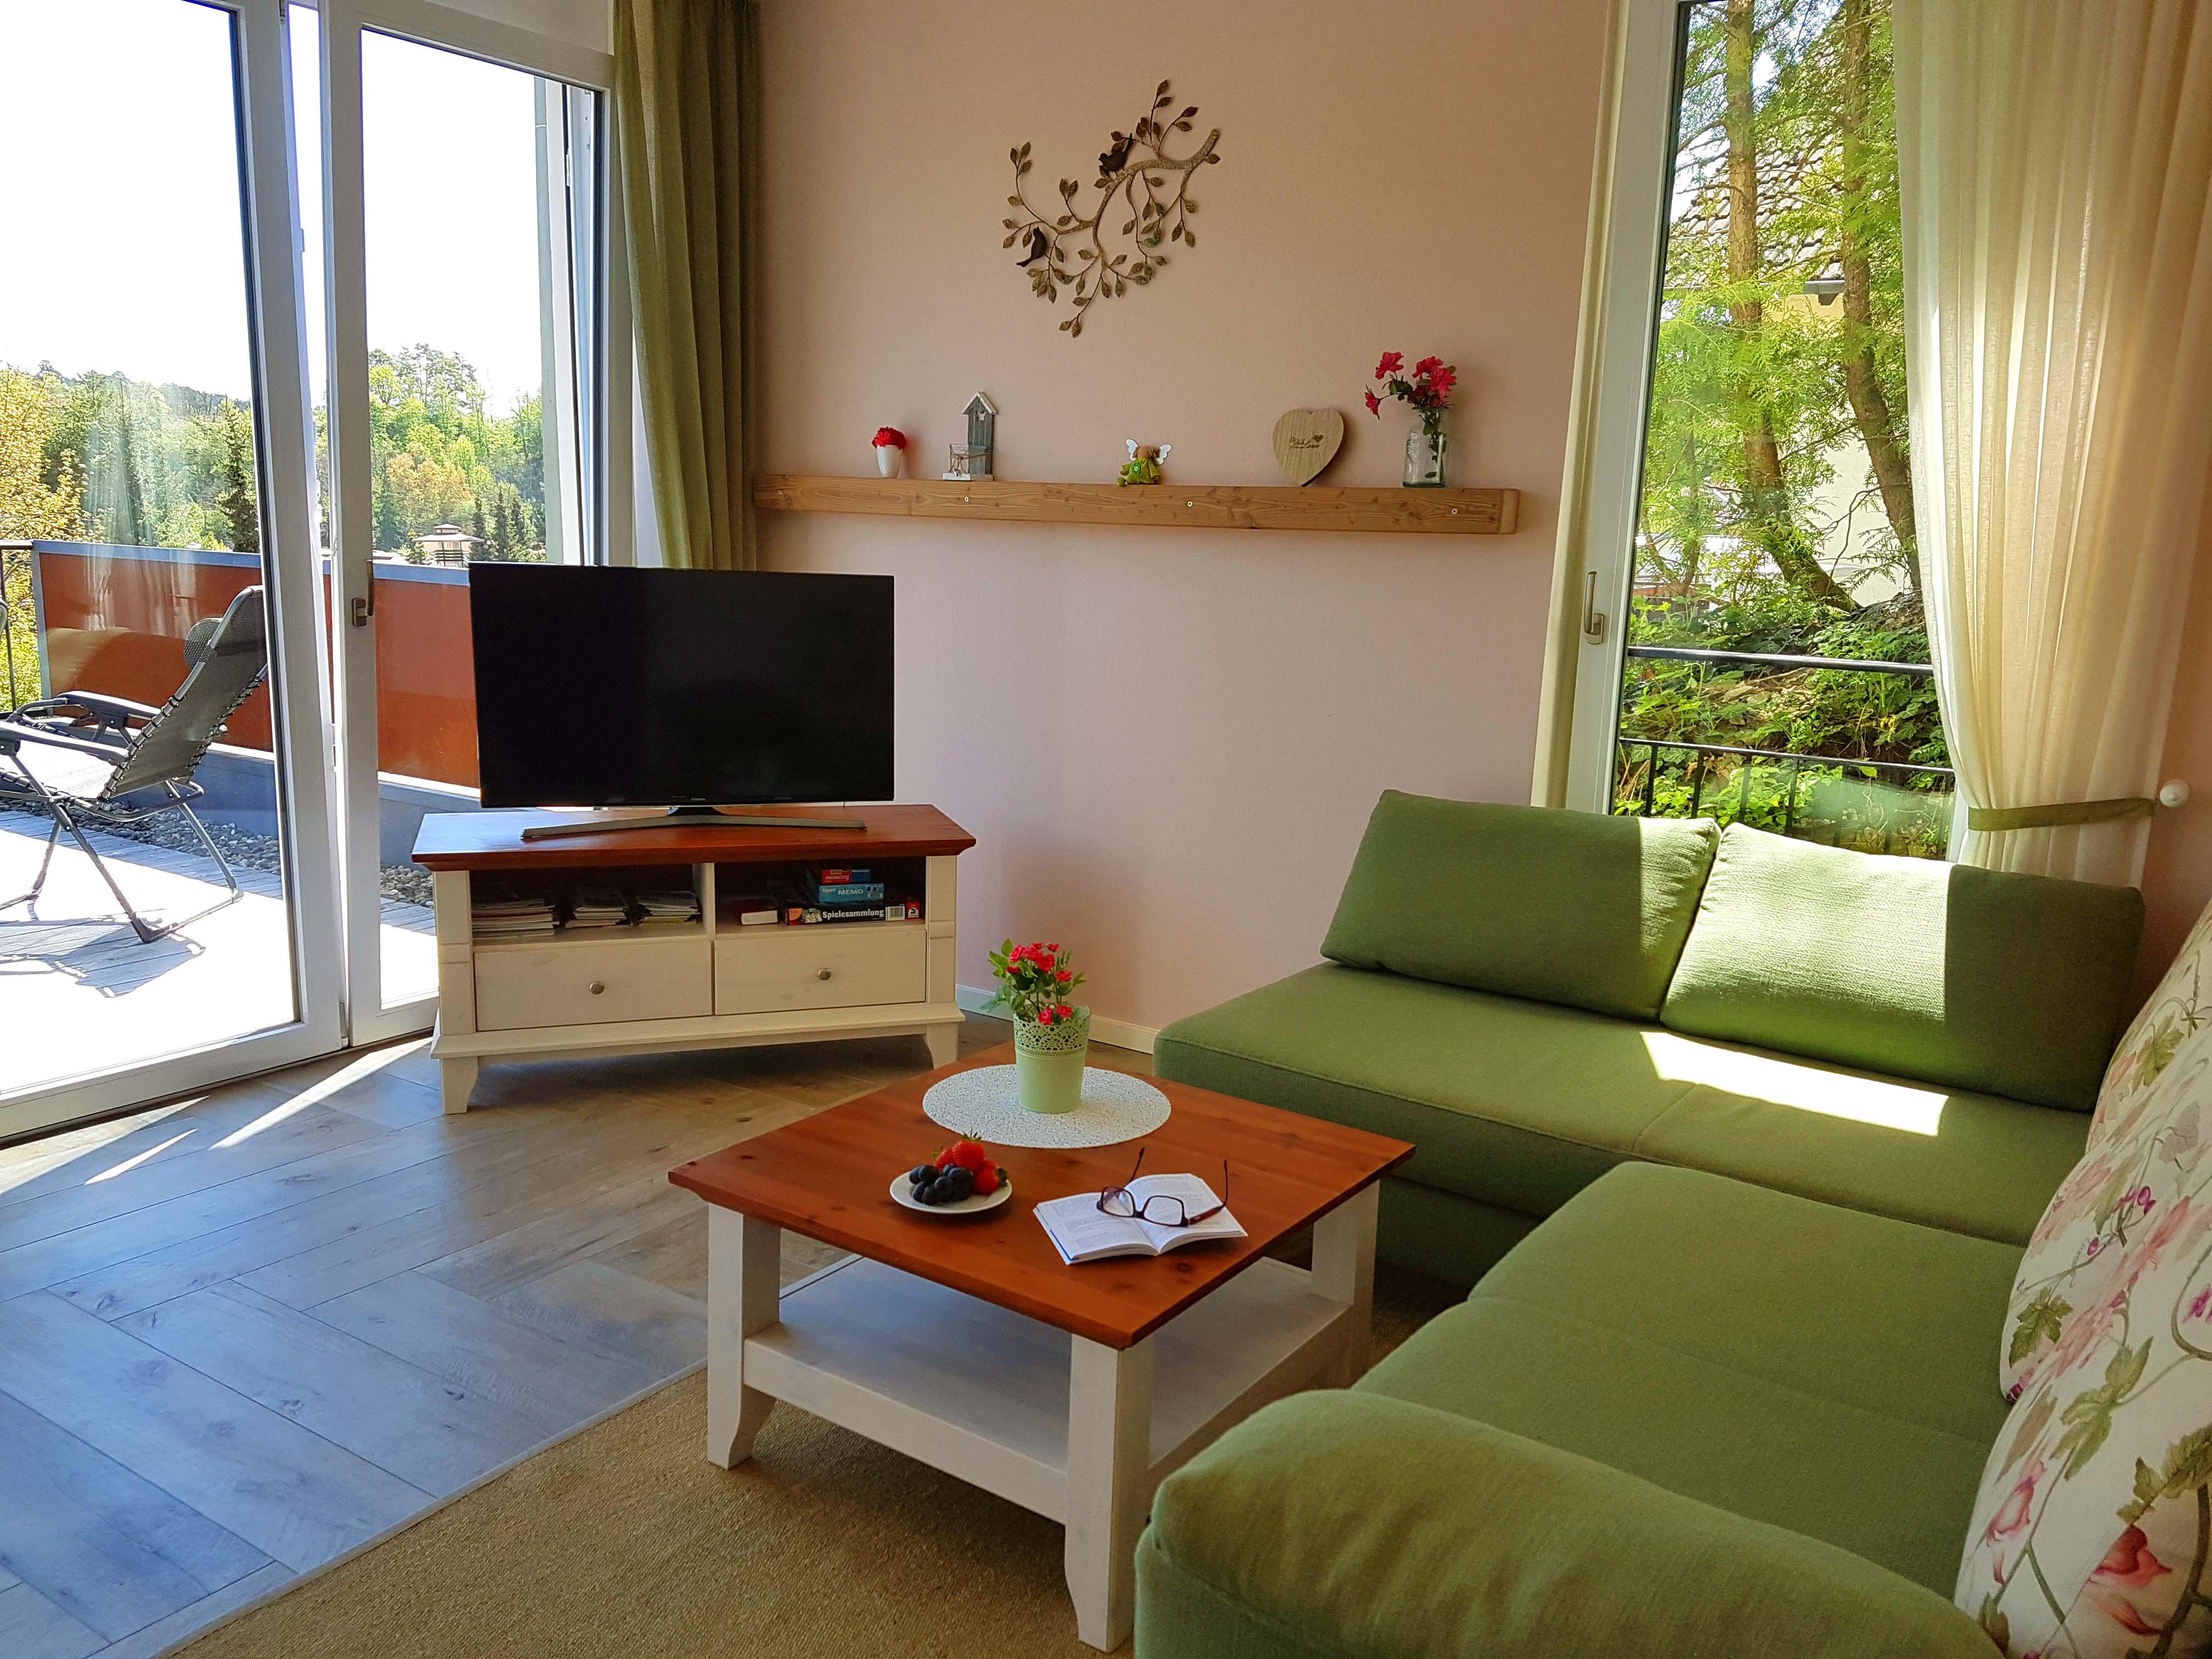 48 wohnzimmer quadratmeter berechnen wohnzimmer mit offenen regalen hufiger anzutreffen. Black Bedroom Furniture Sets. Home Design Ideas